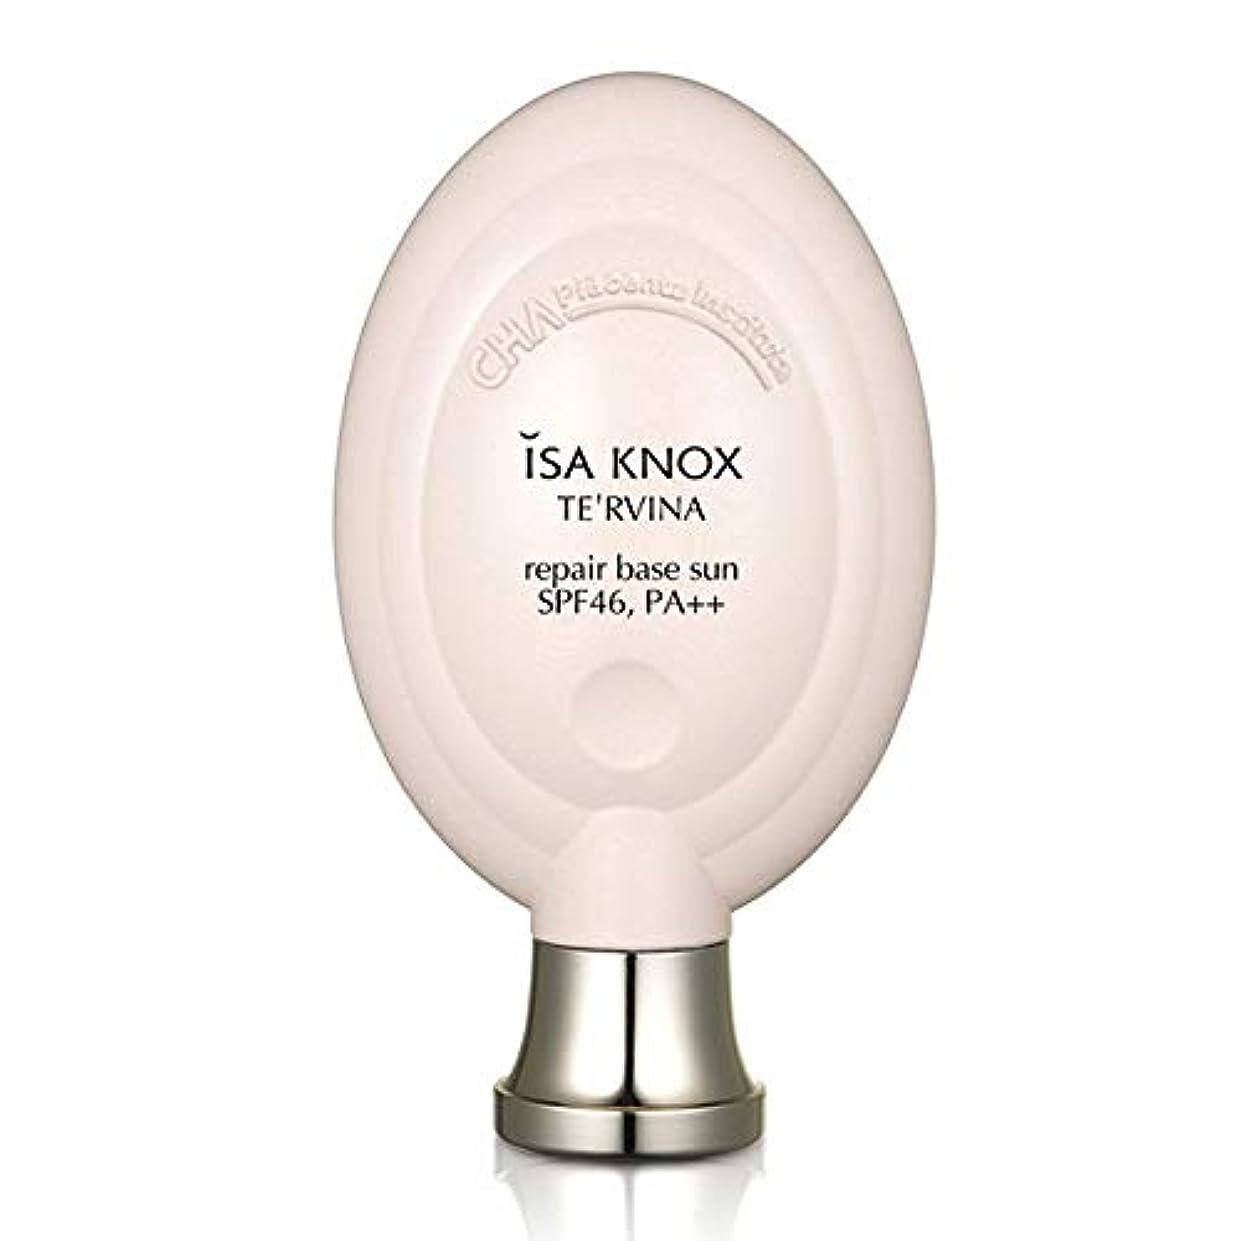 グラフィック北西大胆イザノックス(ISA KNOX) テルビナ リペアベースサン(日焼け止めクリーム)